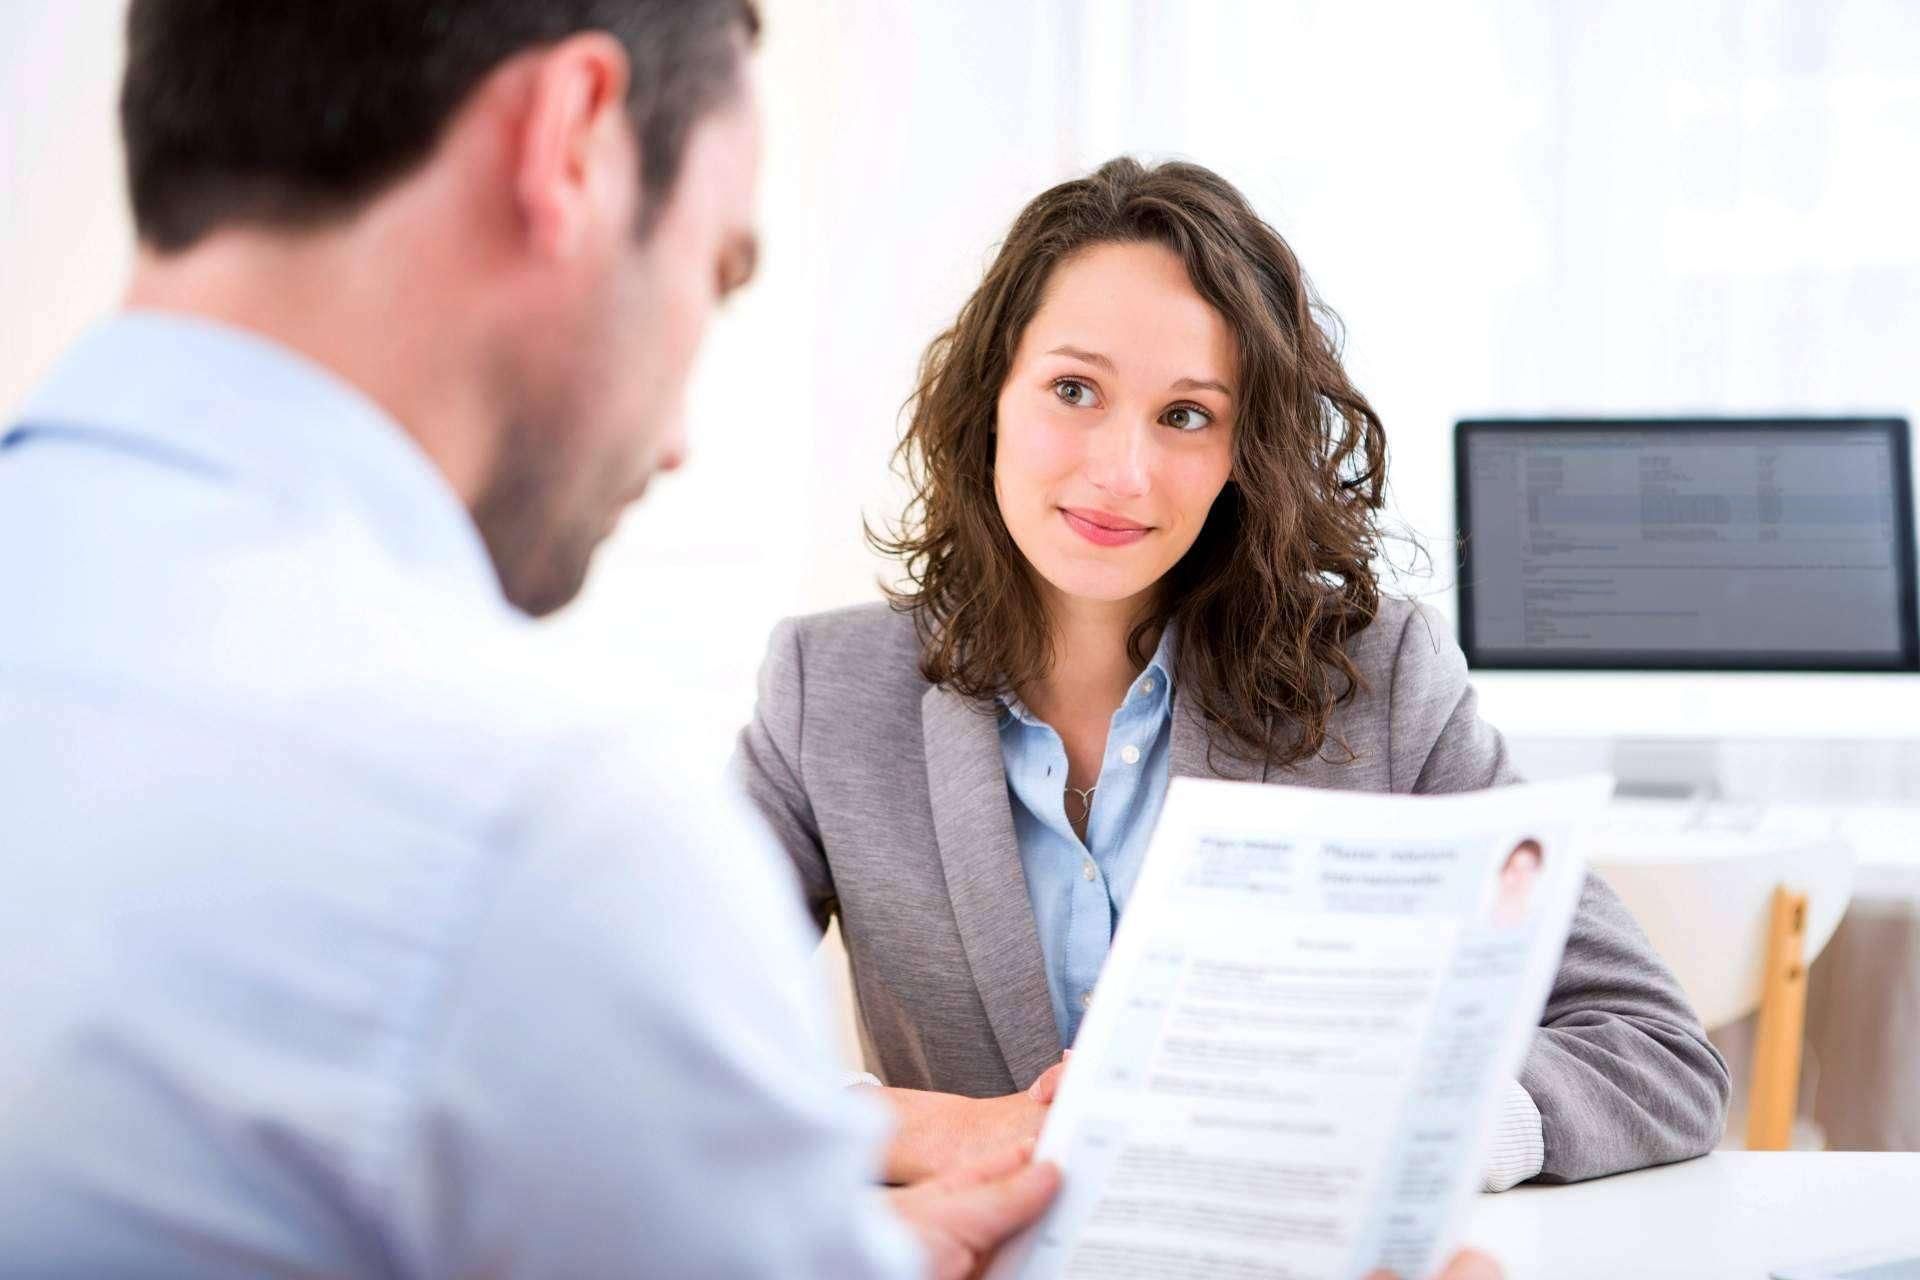 Los factores a evitar en un CV, según CVAPP